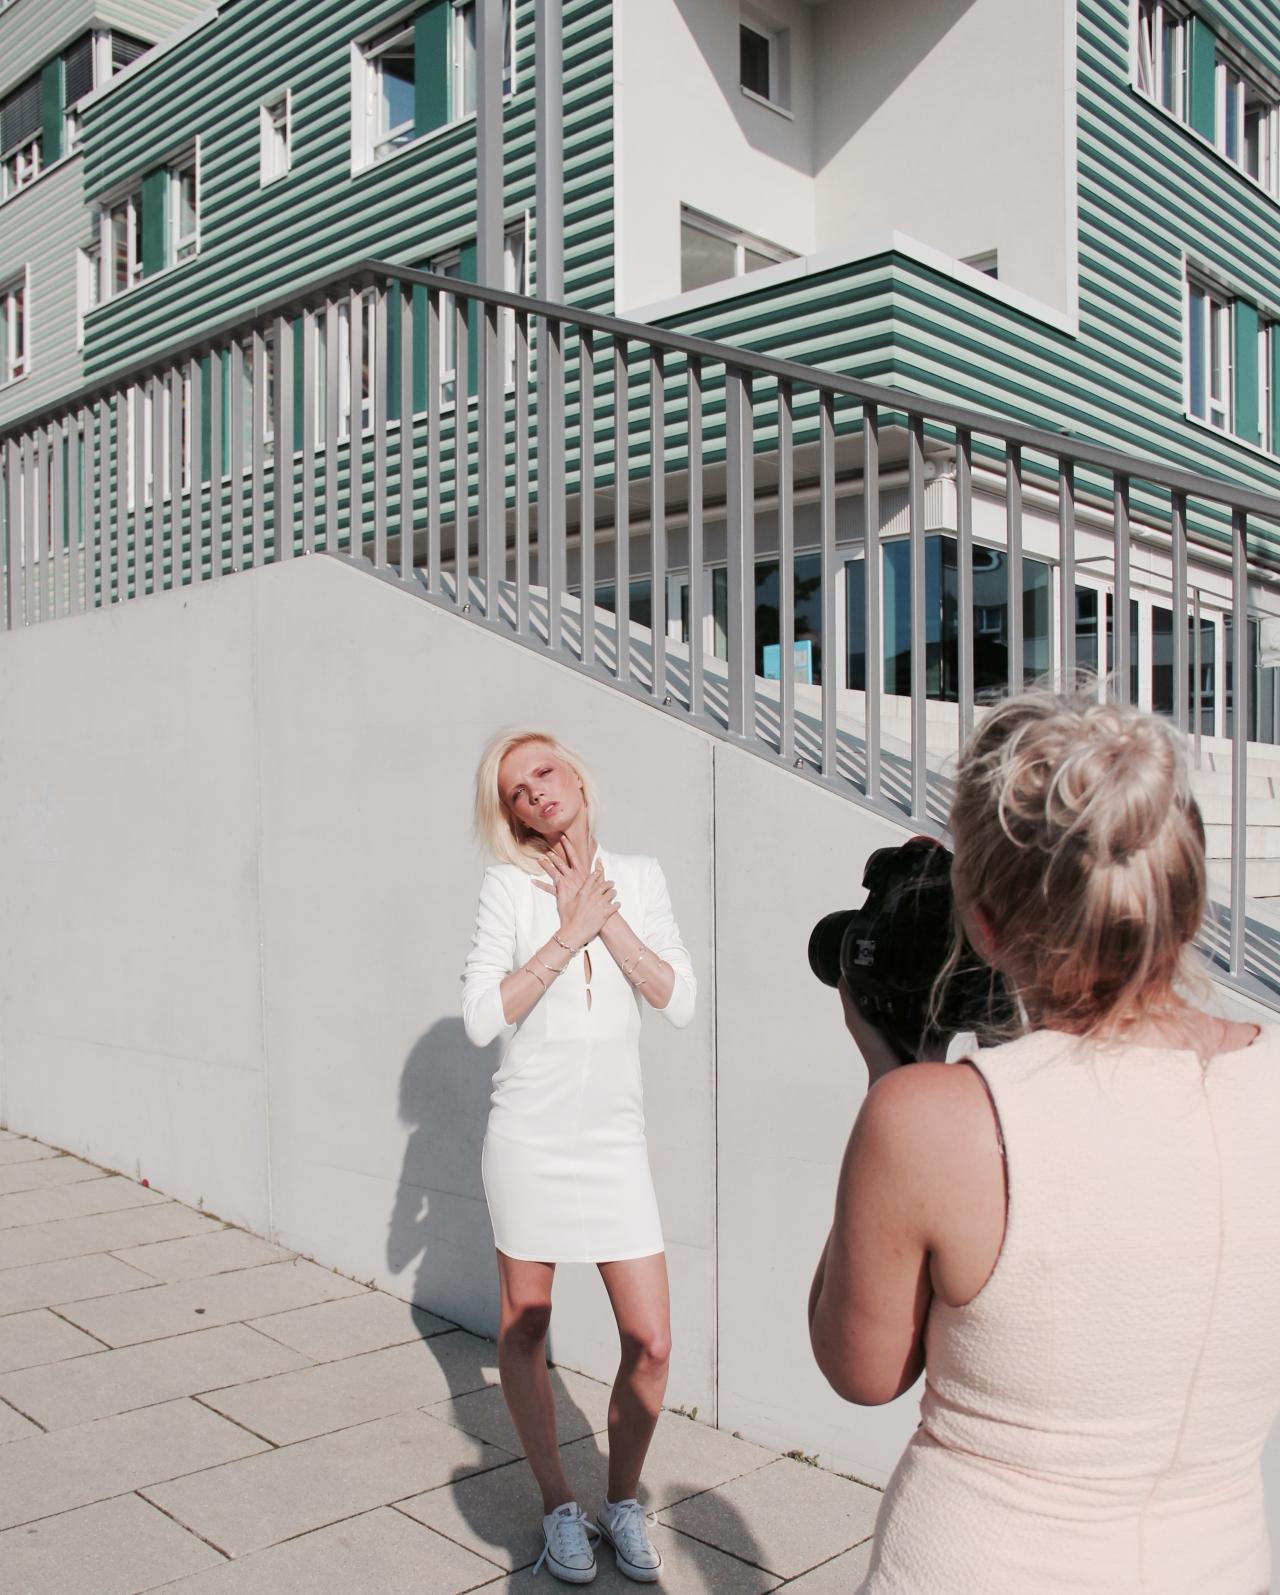 behind-the-scenes-lookbook-shooting-hamburg-wilhelmsburg-madeleine-issing-3